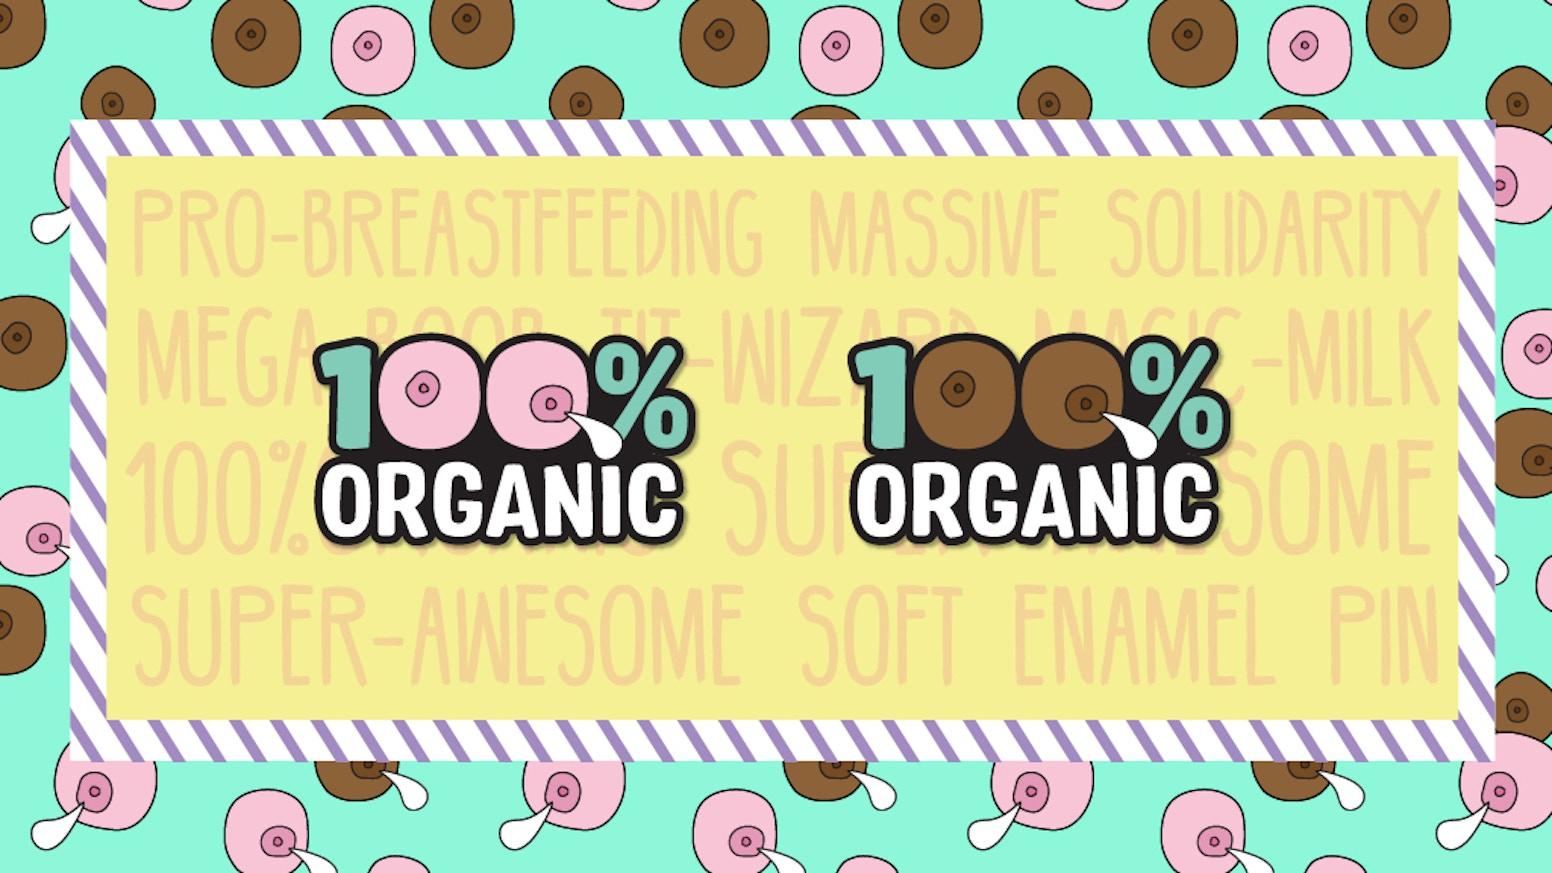 c6adbaa6609de 100% ORGANIC  pro-breastfeeding enamel pin by Jen — Kickstarter